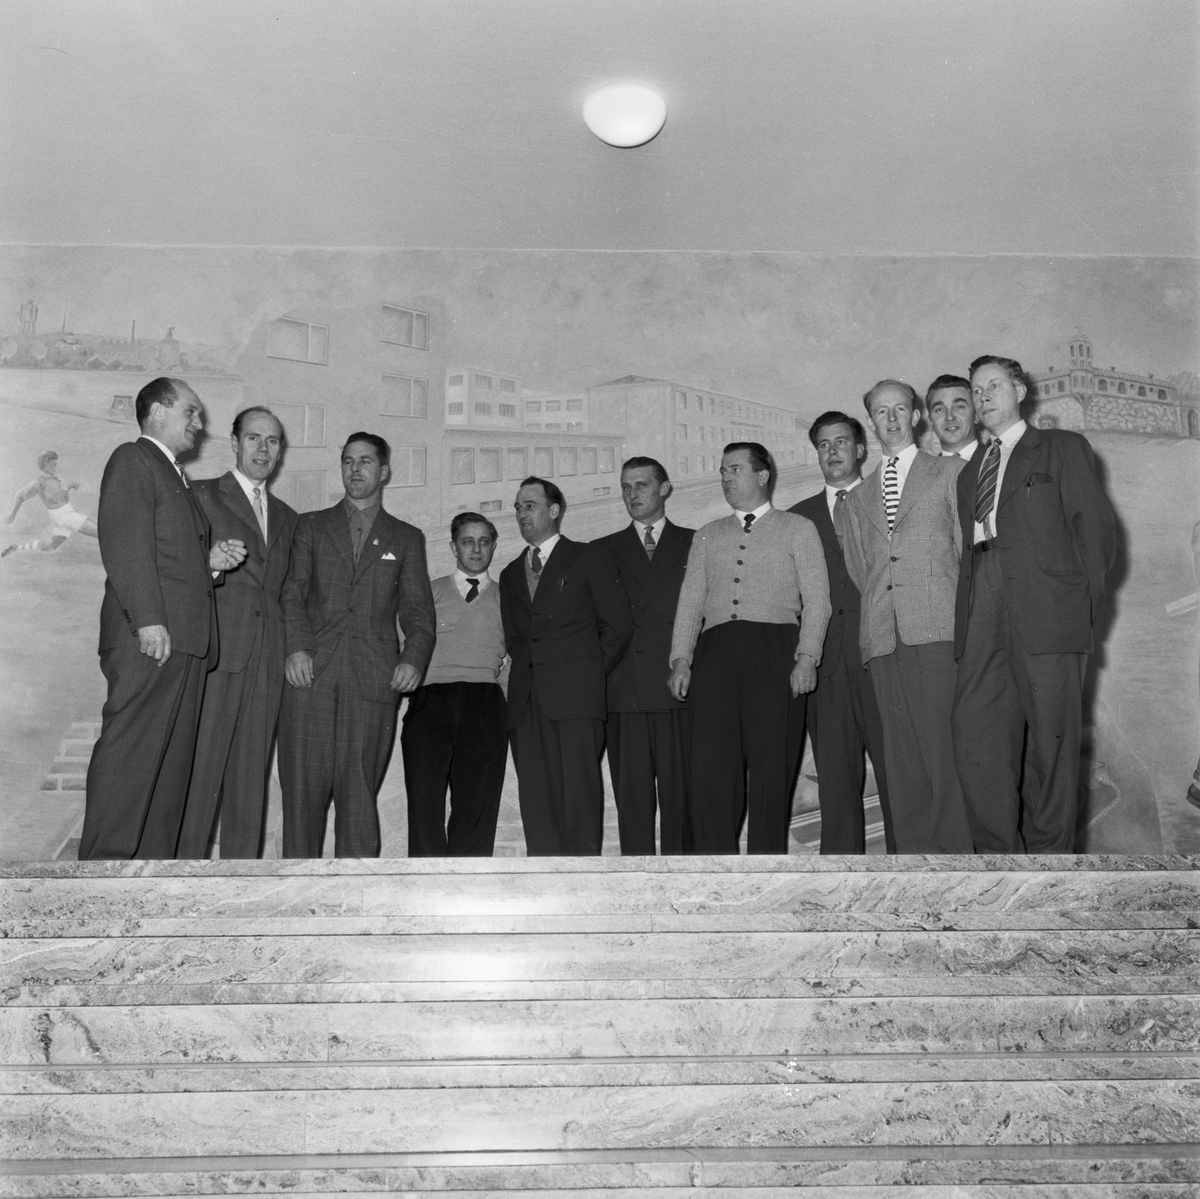 Övrigt: Foto datum: 5/11 1957 Byggnader och kranar Yrkesskolan kursverksamhet